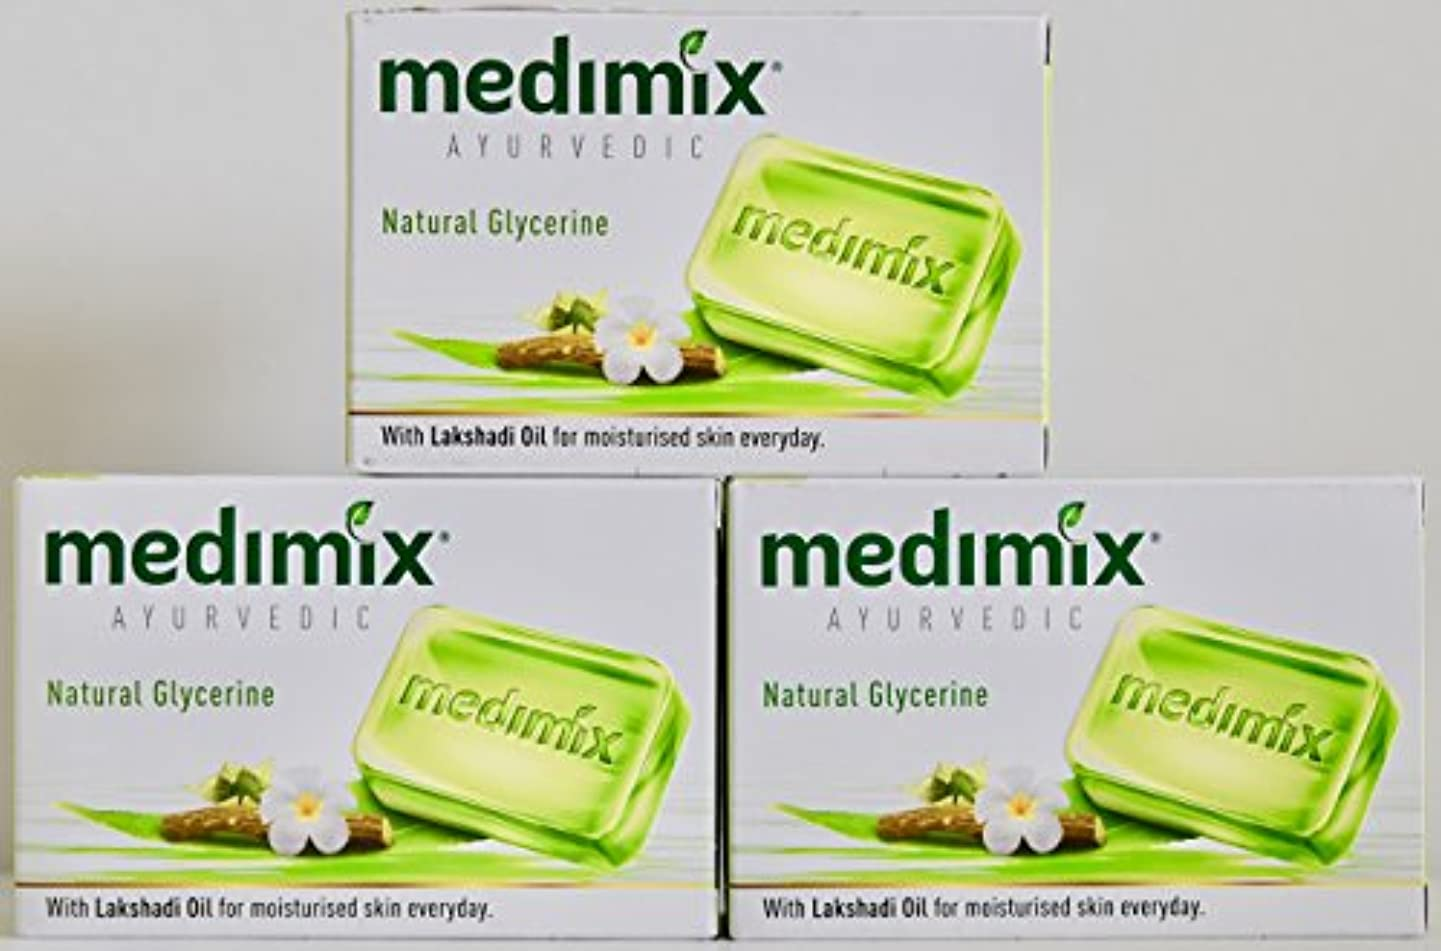 リレー干し草お父さんMEDIMIX メディミックス アーユルヴェディック ナチュラルグリセリン 3個入り  125g